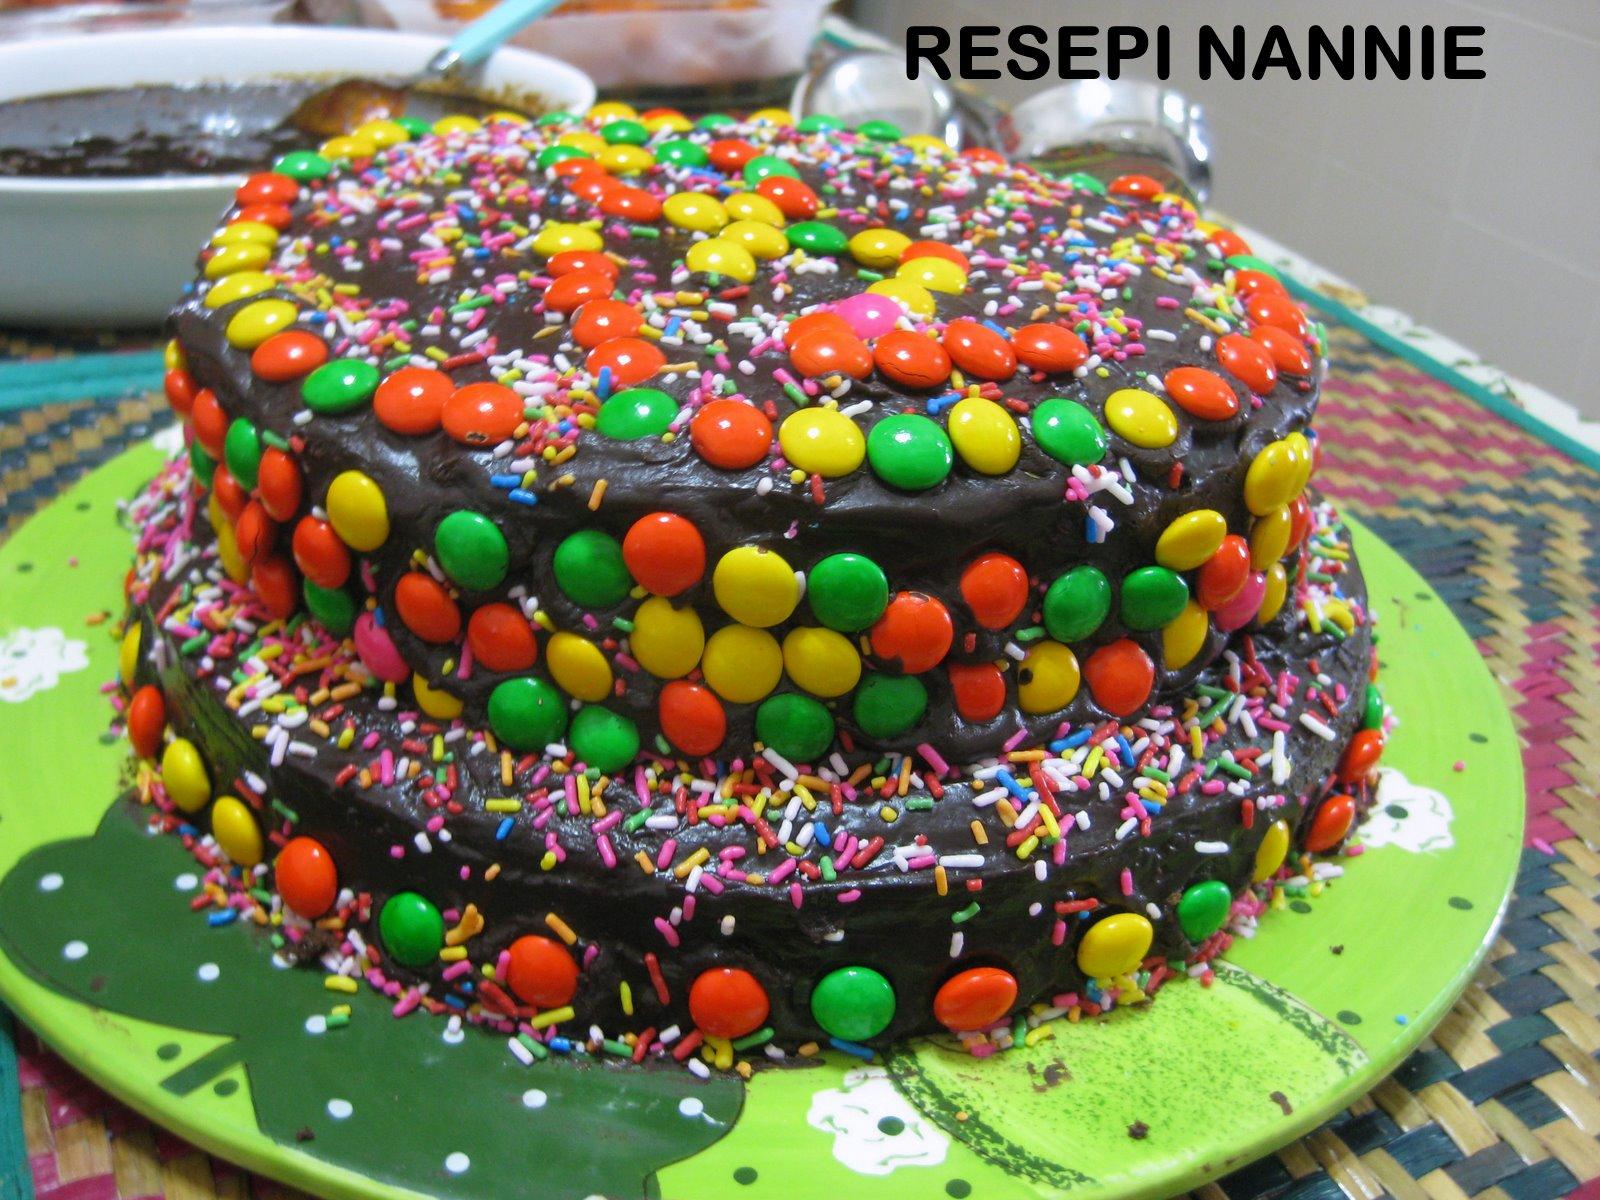 Resepi kek simple